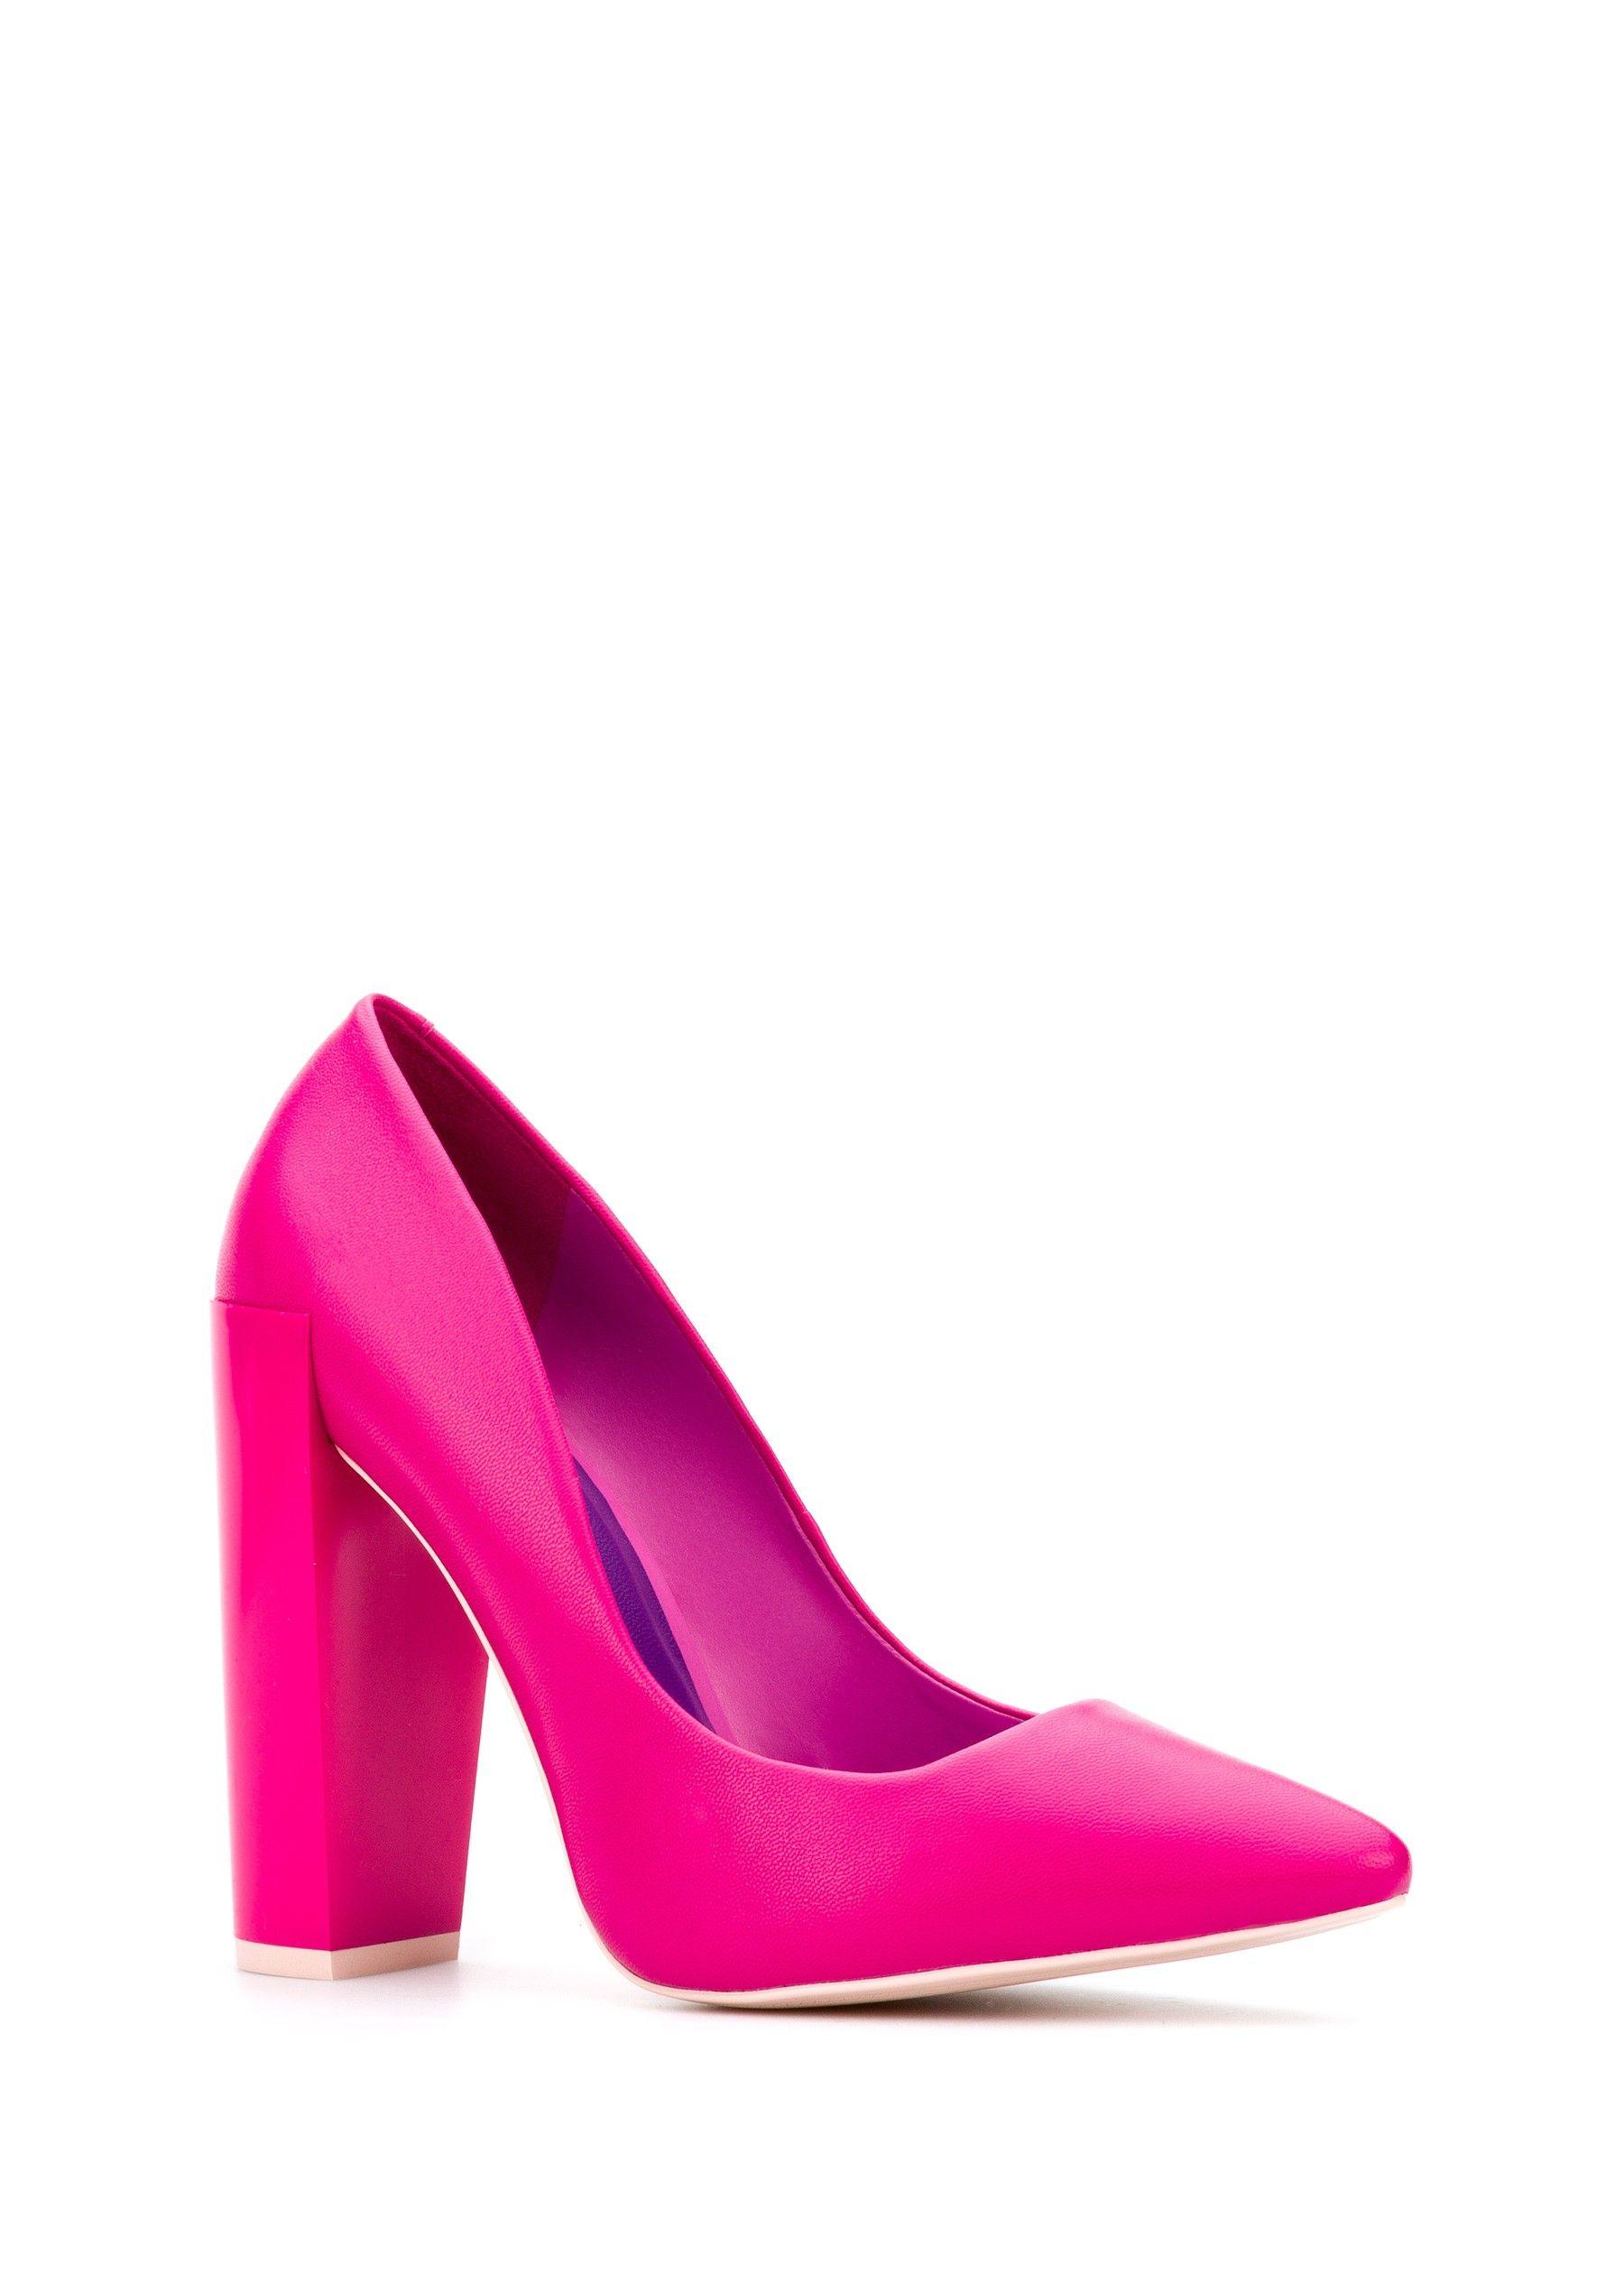 Zapatilla Pump | ZAPATOS | Pinterest | Zapatillas y Zapatos